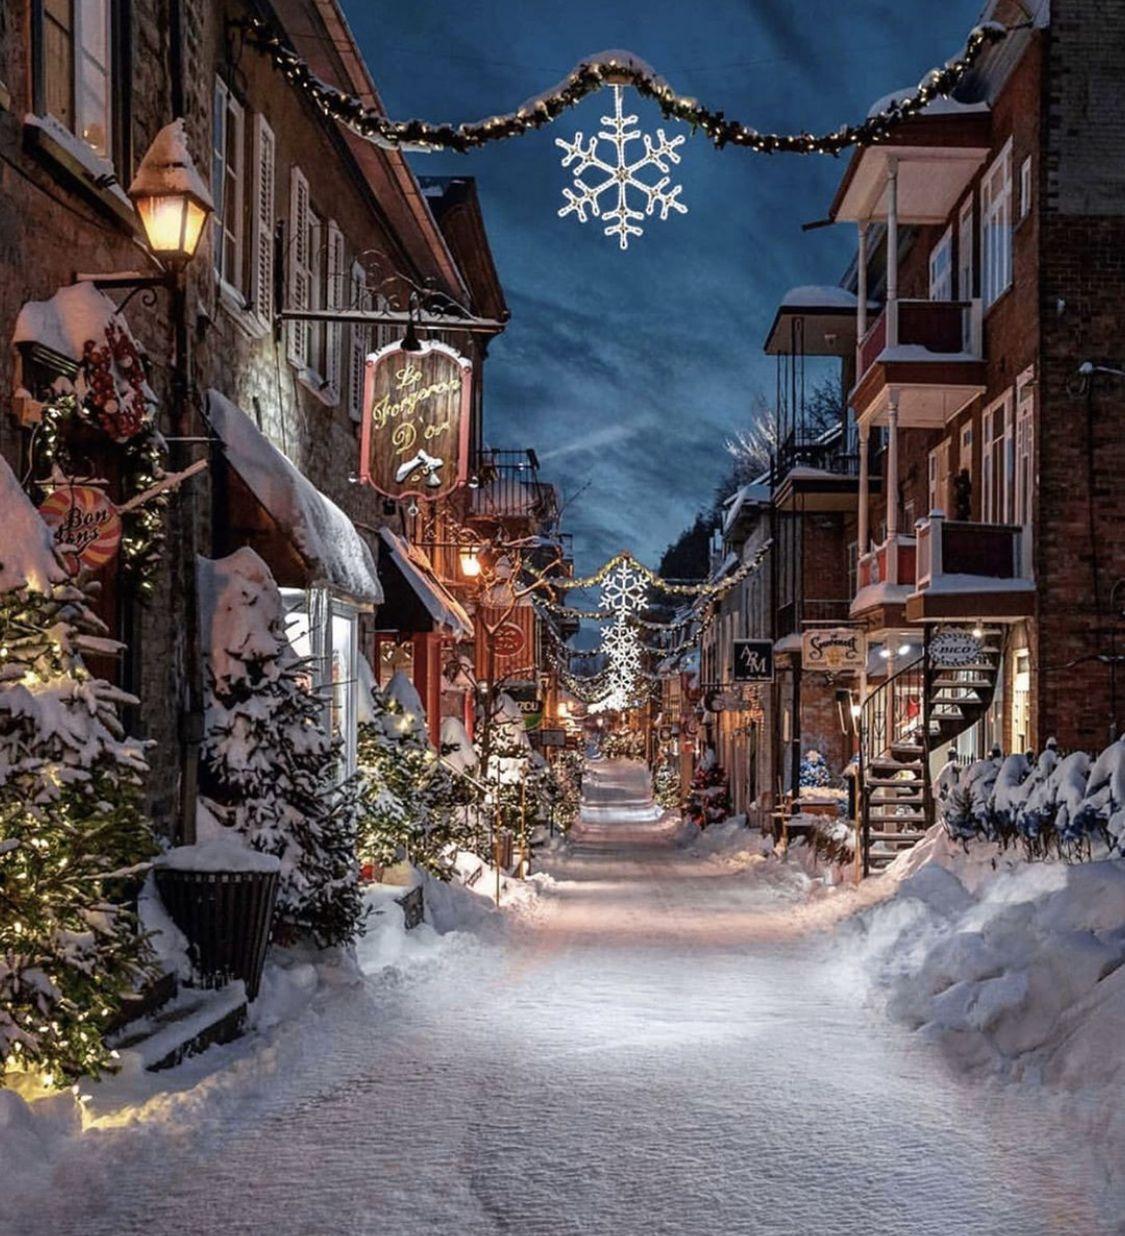 加拿大魁北克美丽雪景